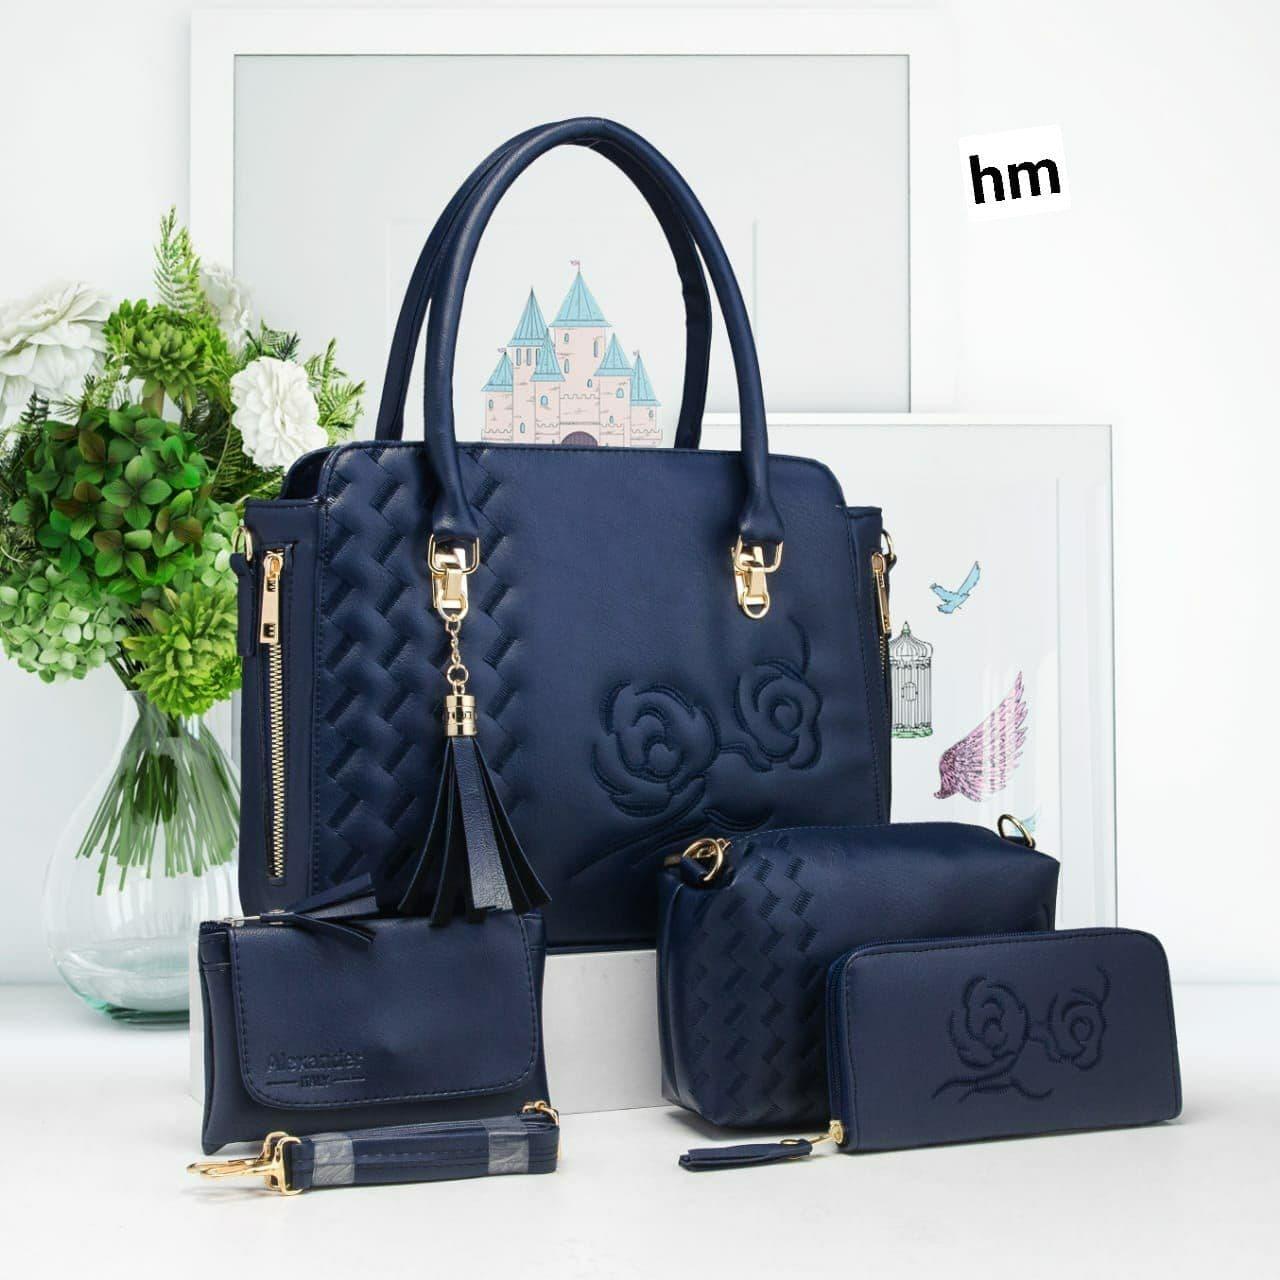 Pack Femme 4 pieces  🌺